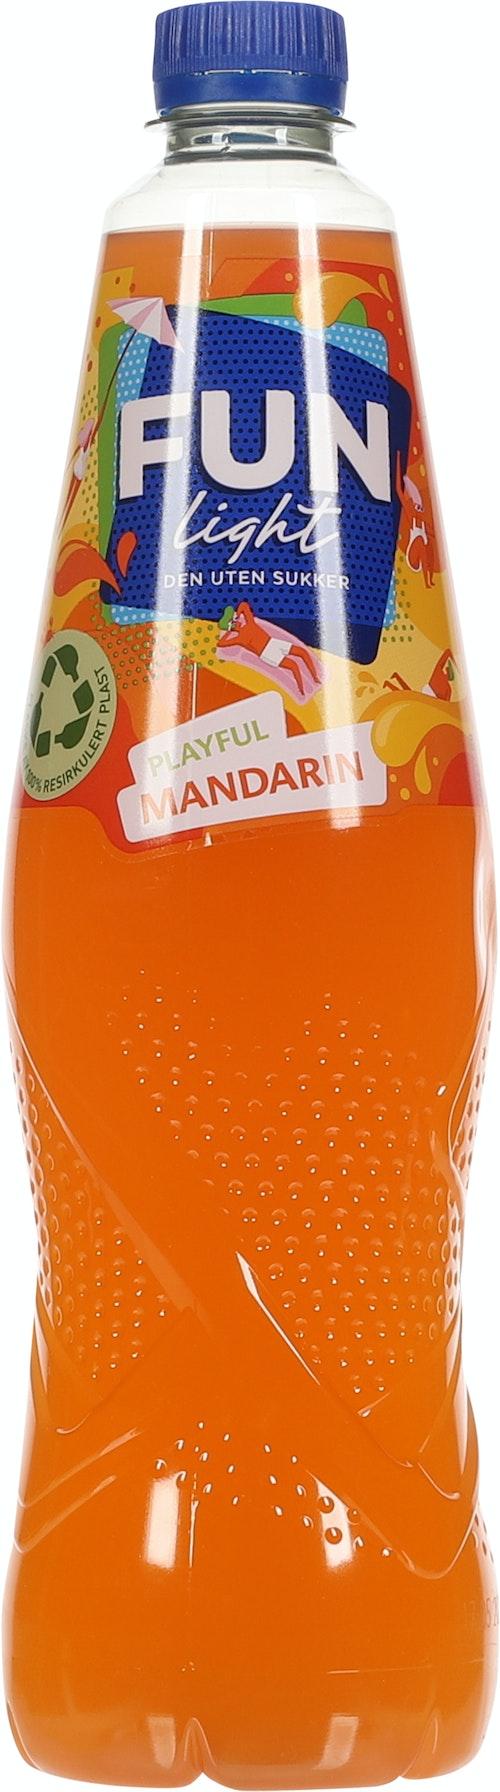 Fun Light Fun Light Mandarin Madness 0,8 l